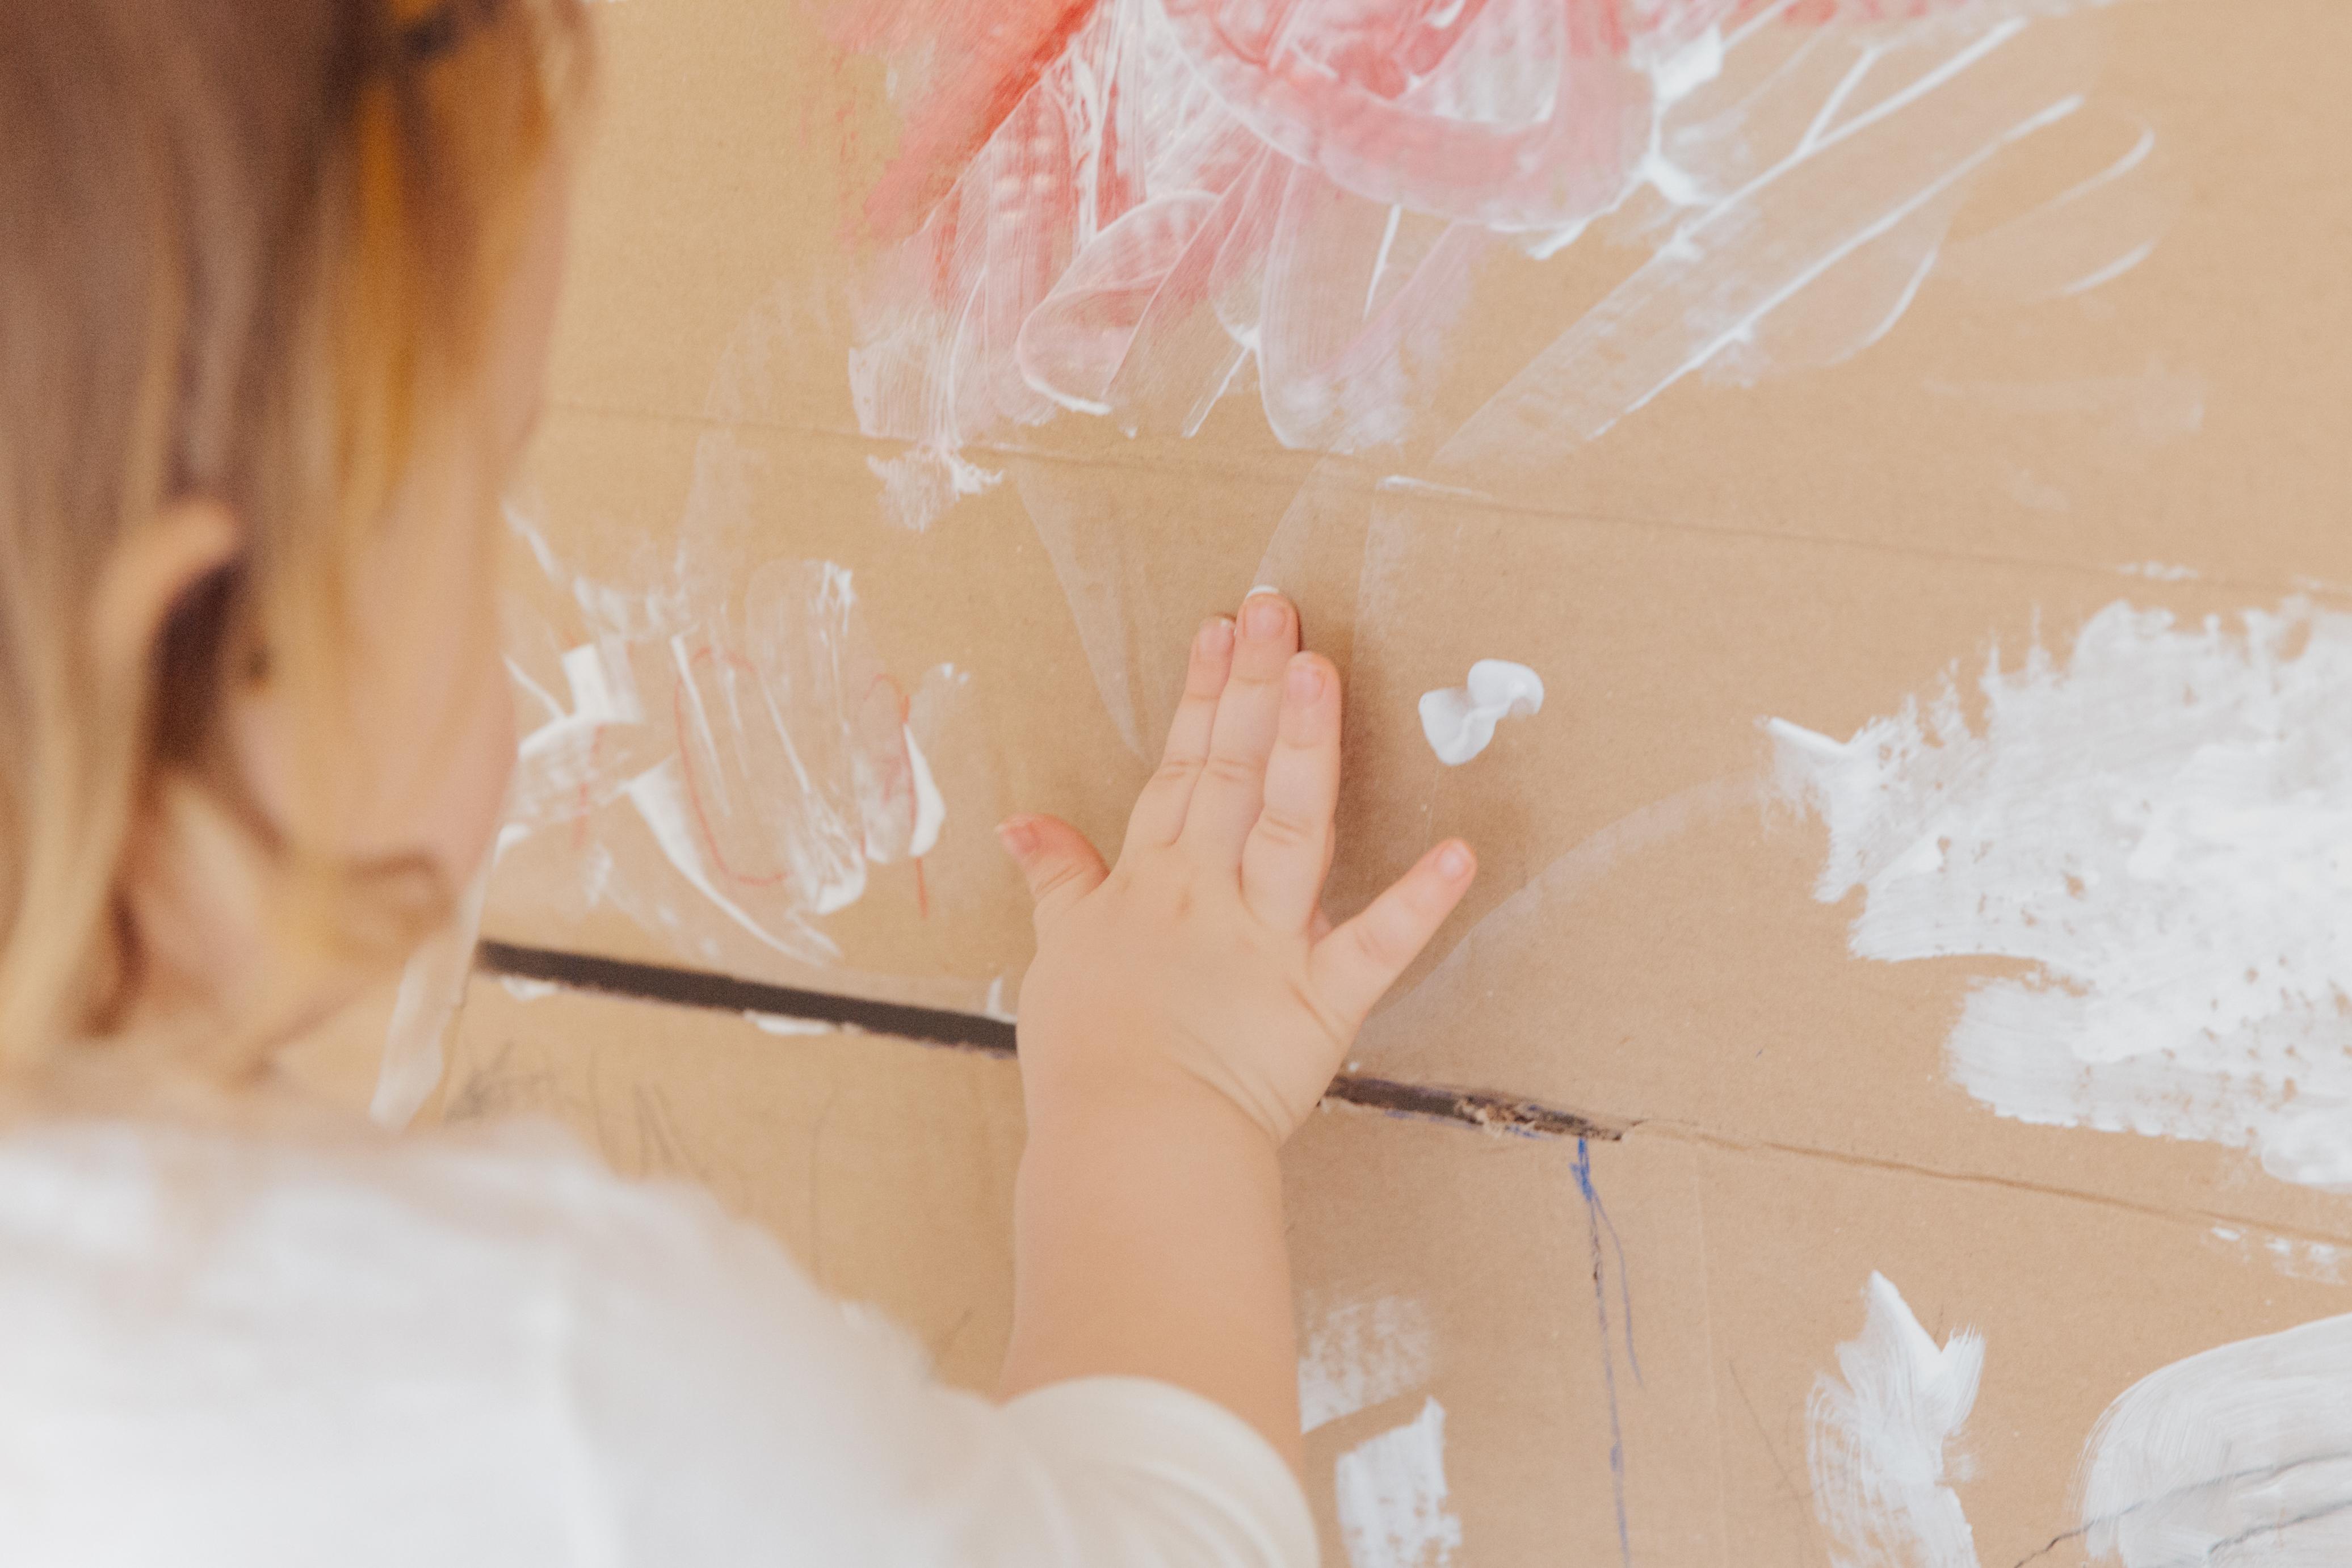 Grad Rovinj-Rovigno omogućio upis sve djece u predškolske ustanove